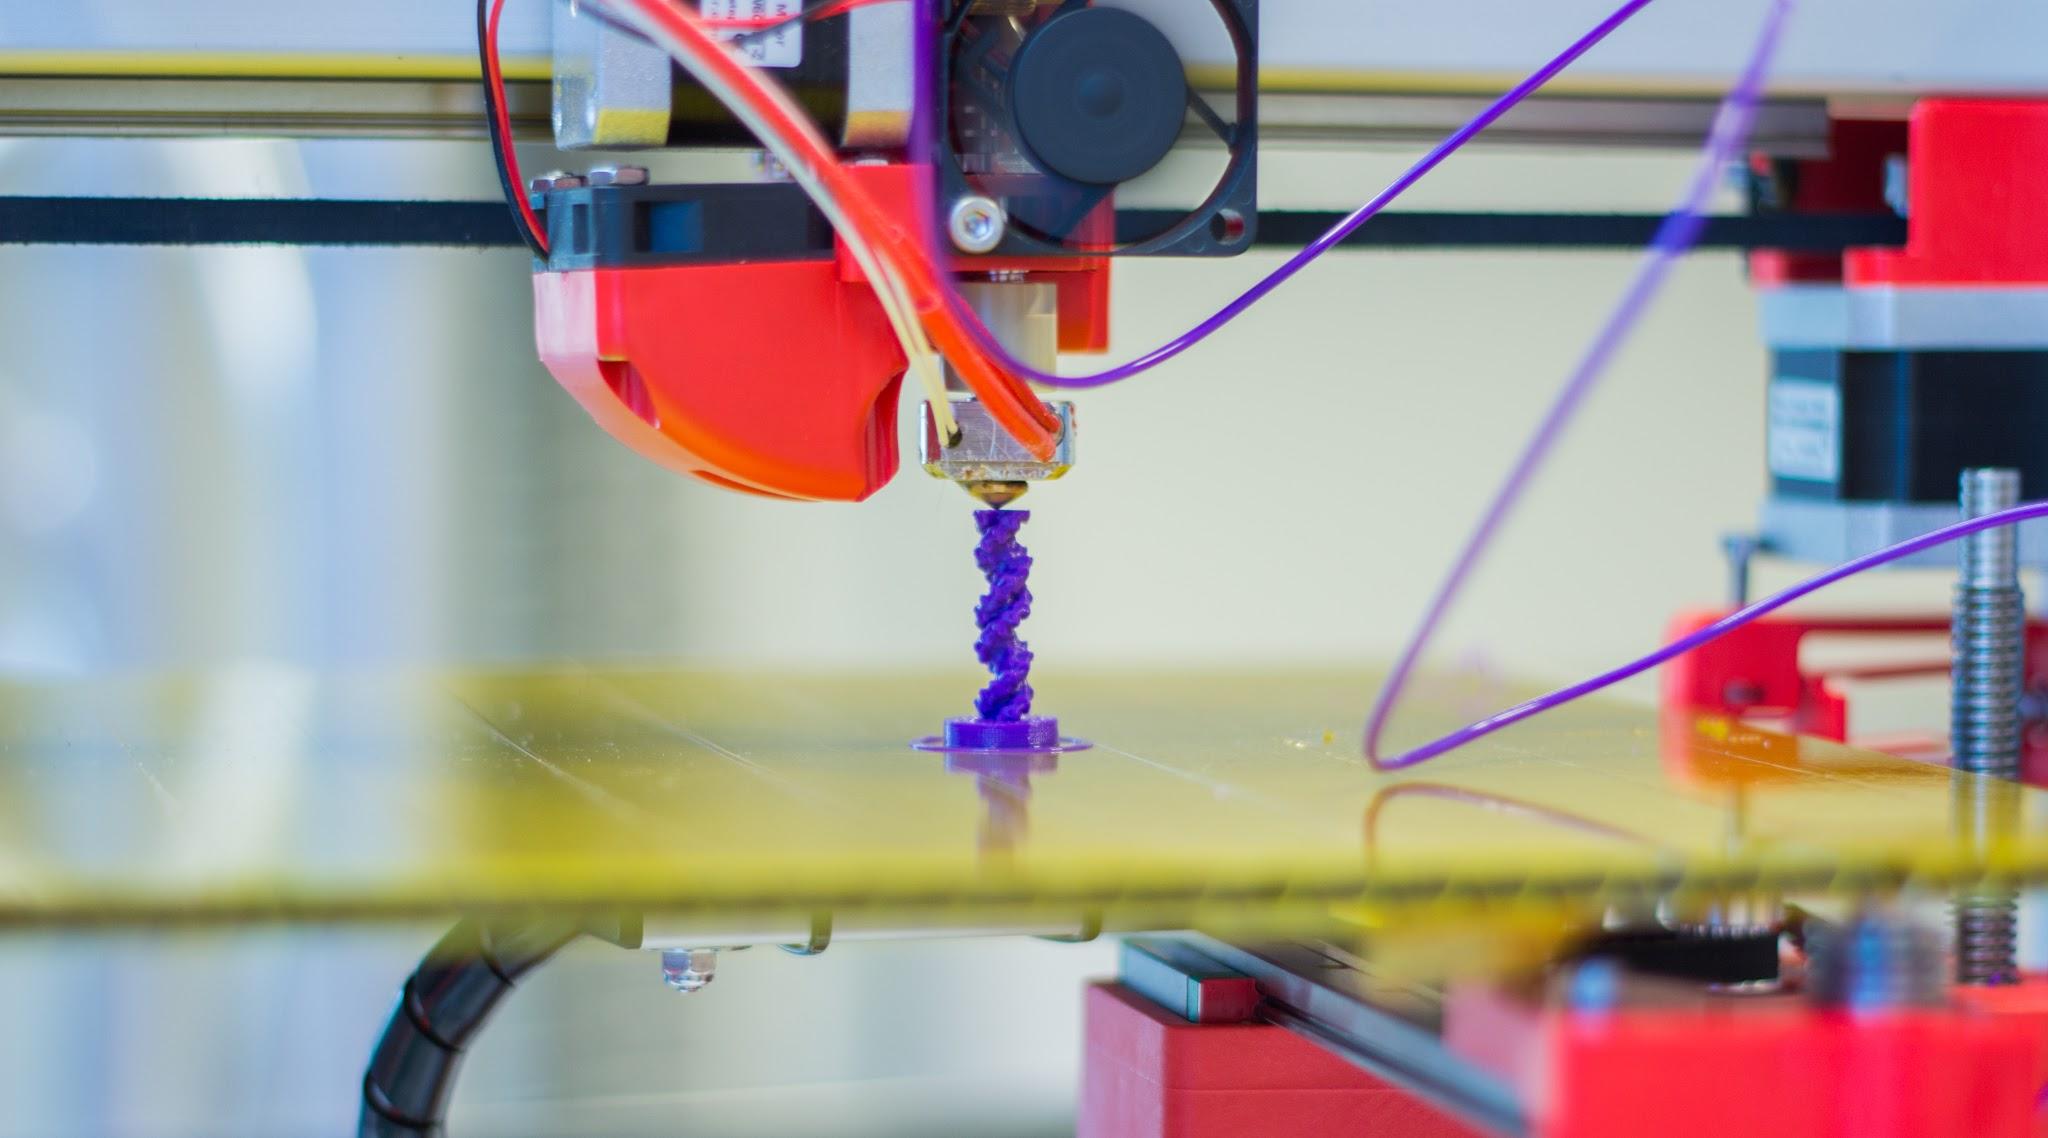 La impresión 3D supera un nuevo reto: logra fabricar células madre